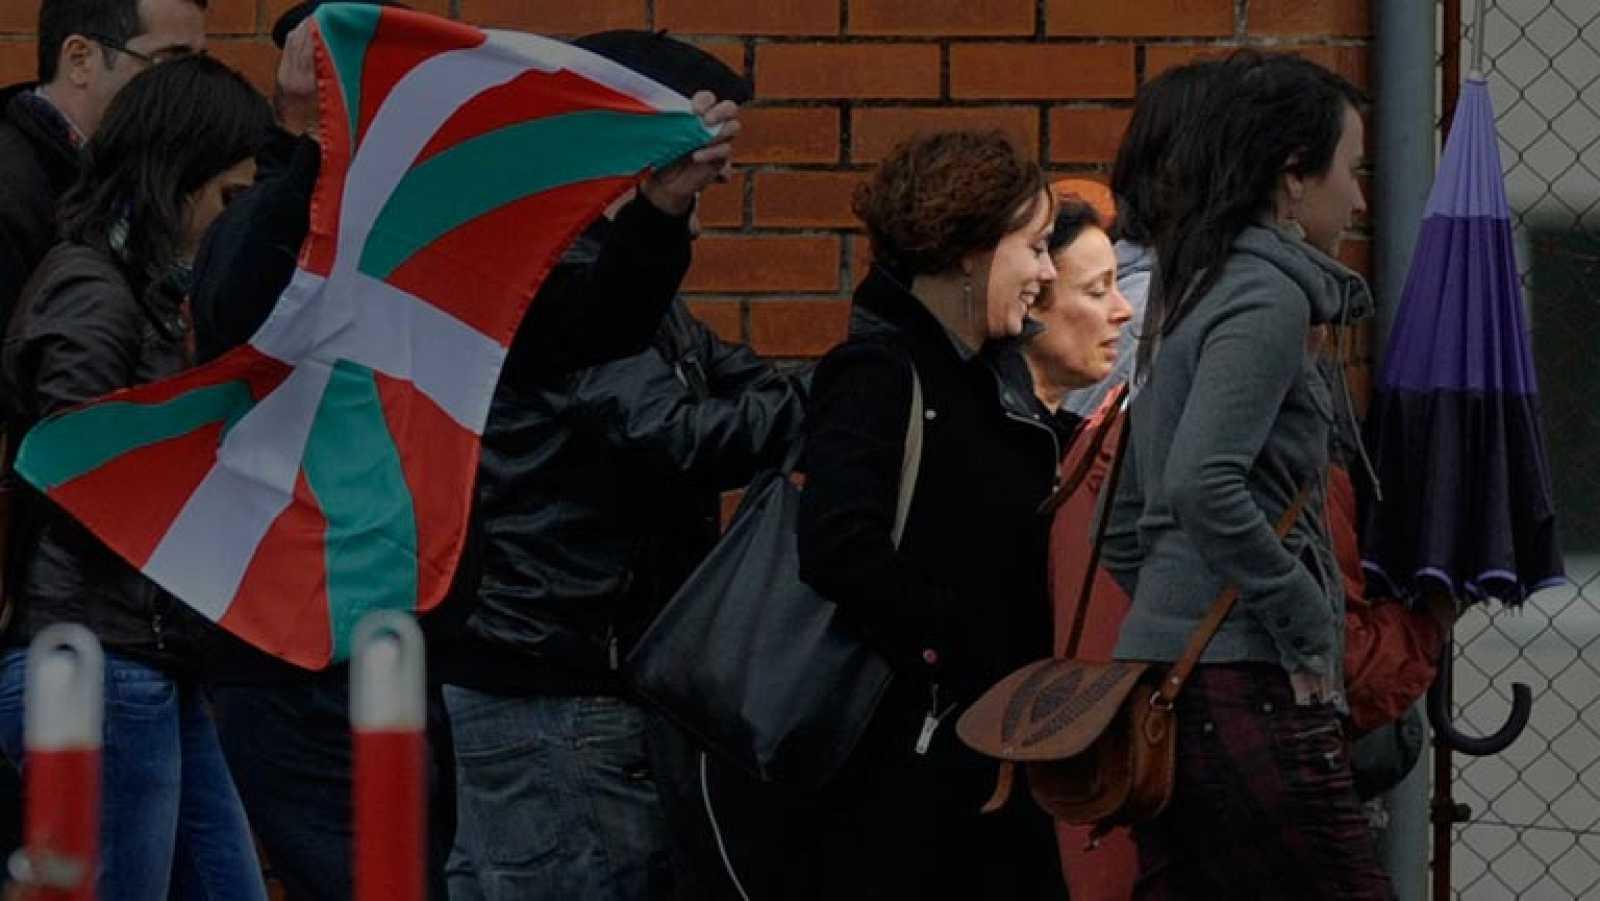 La Audiencia Nacional ordena la excarcelación de la etarra Inés del Río tras la sentencia de Estrasburgo